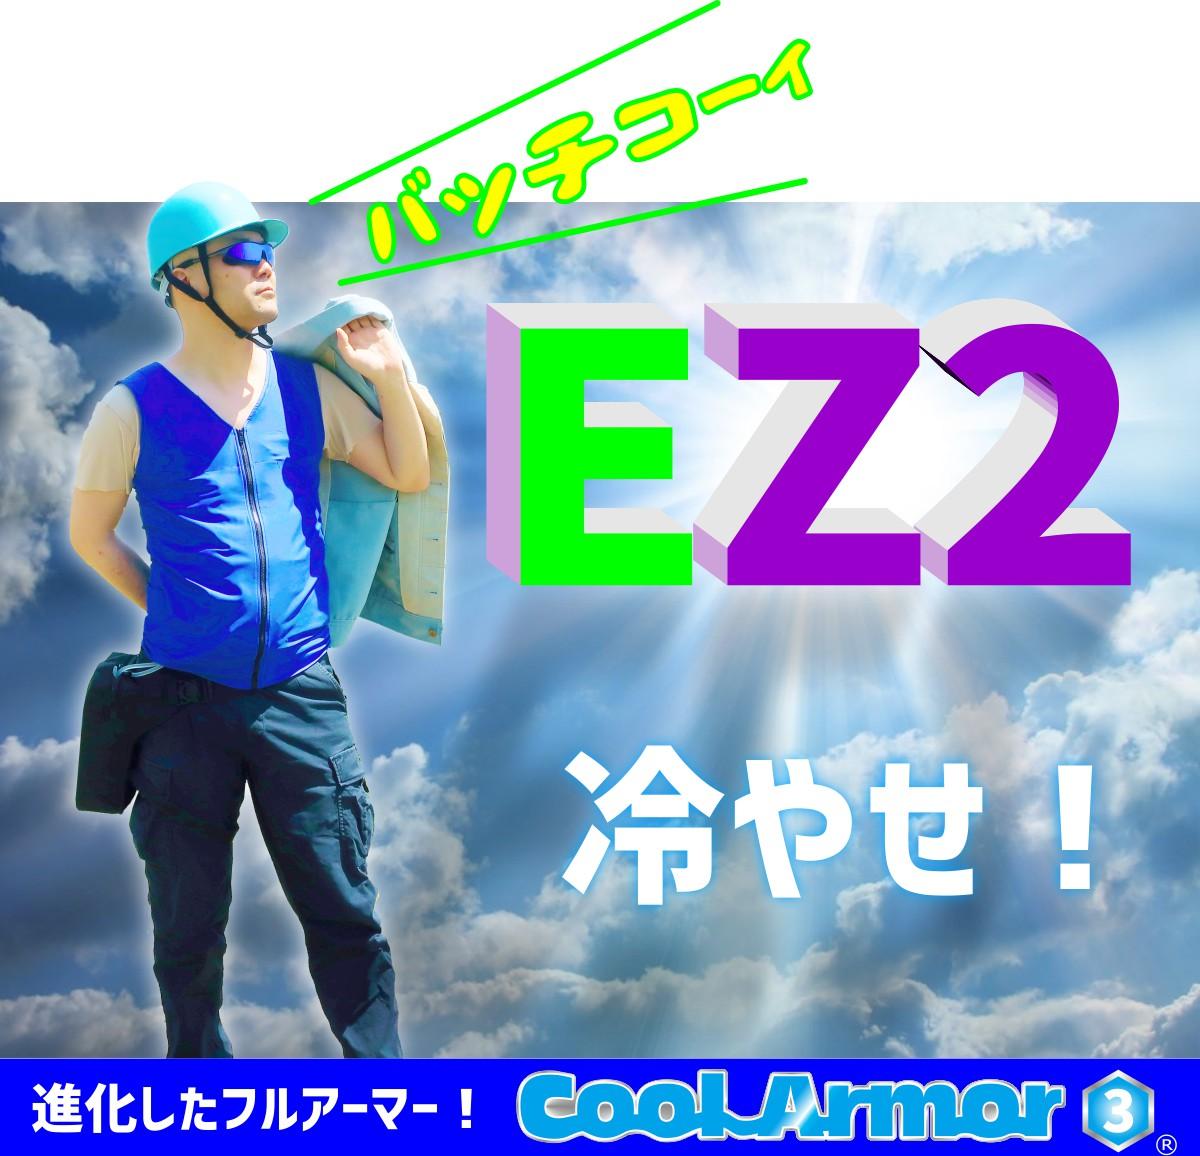 EZ2 人間エアコン 熱中症対策